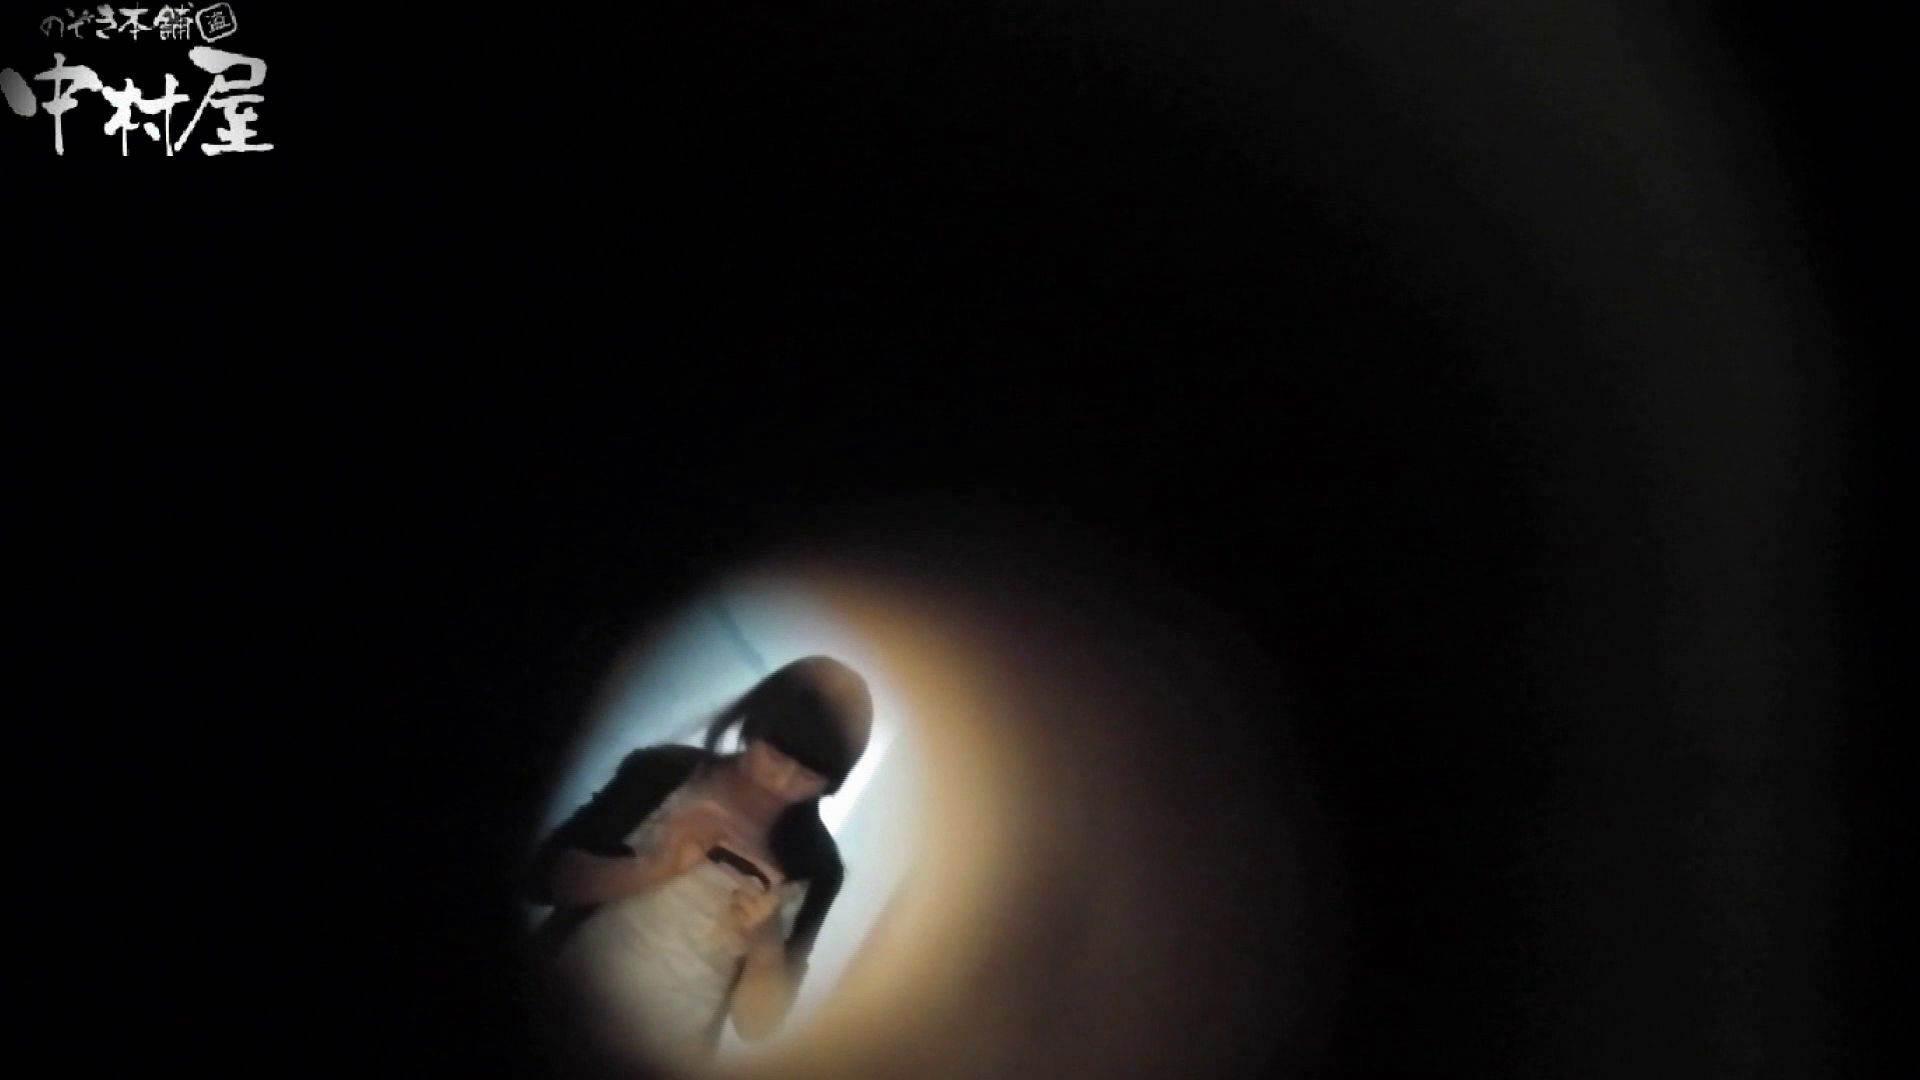 世界の射窓から~ステーション編~vol40 更に画質アップ!! OLハメ撮り  49Pix 35